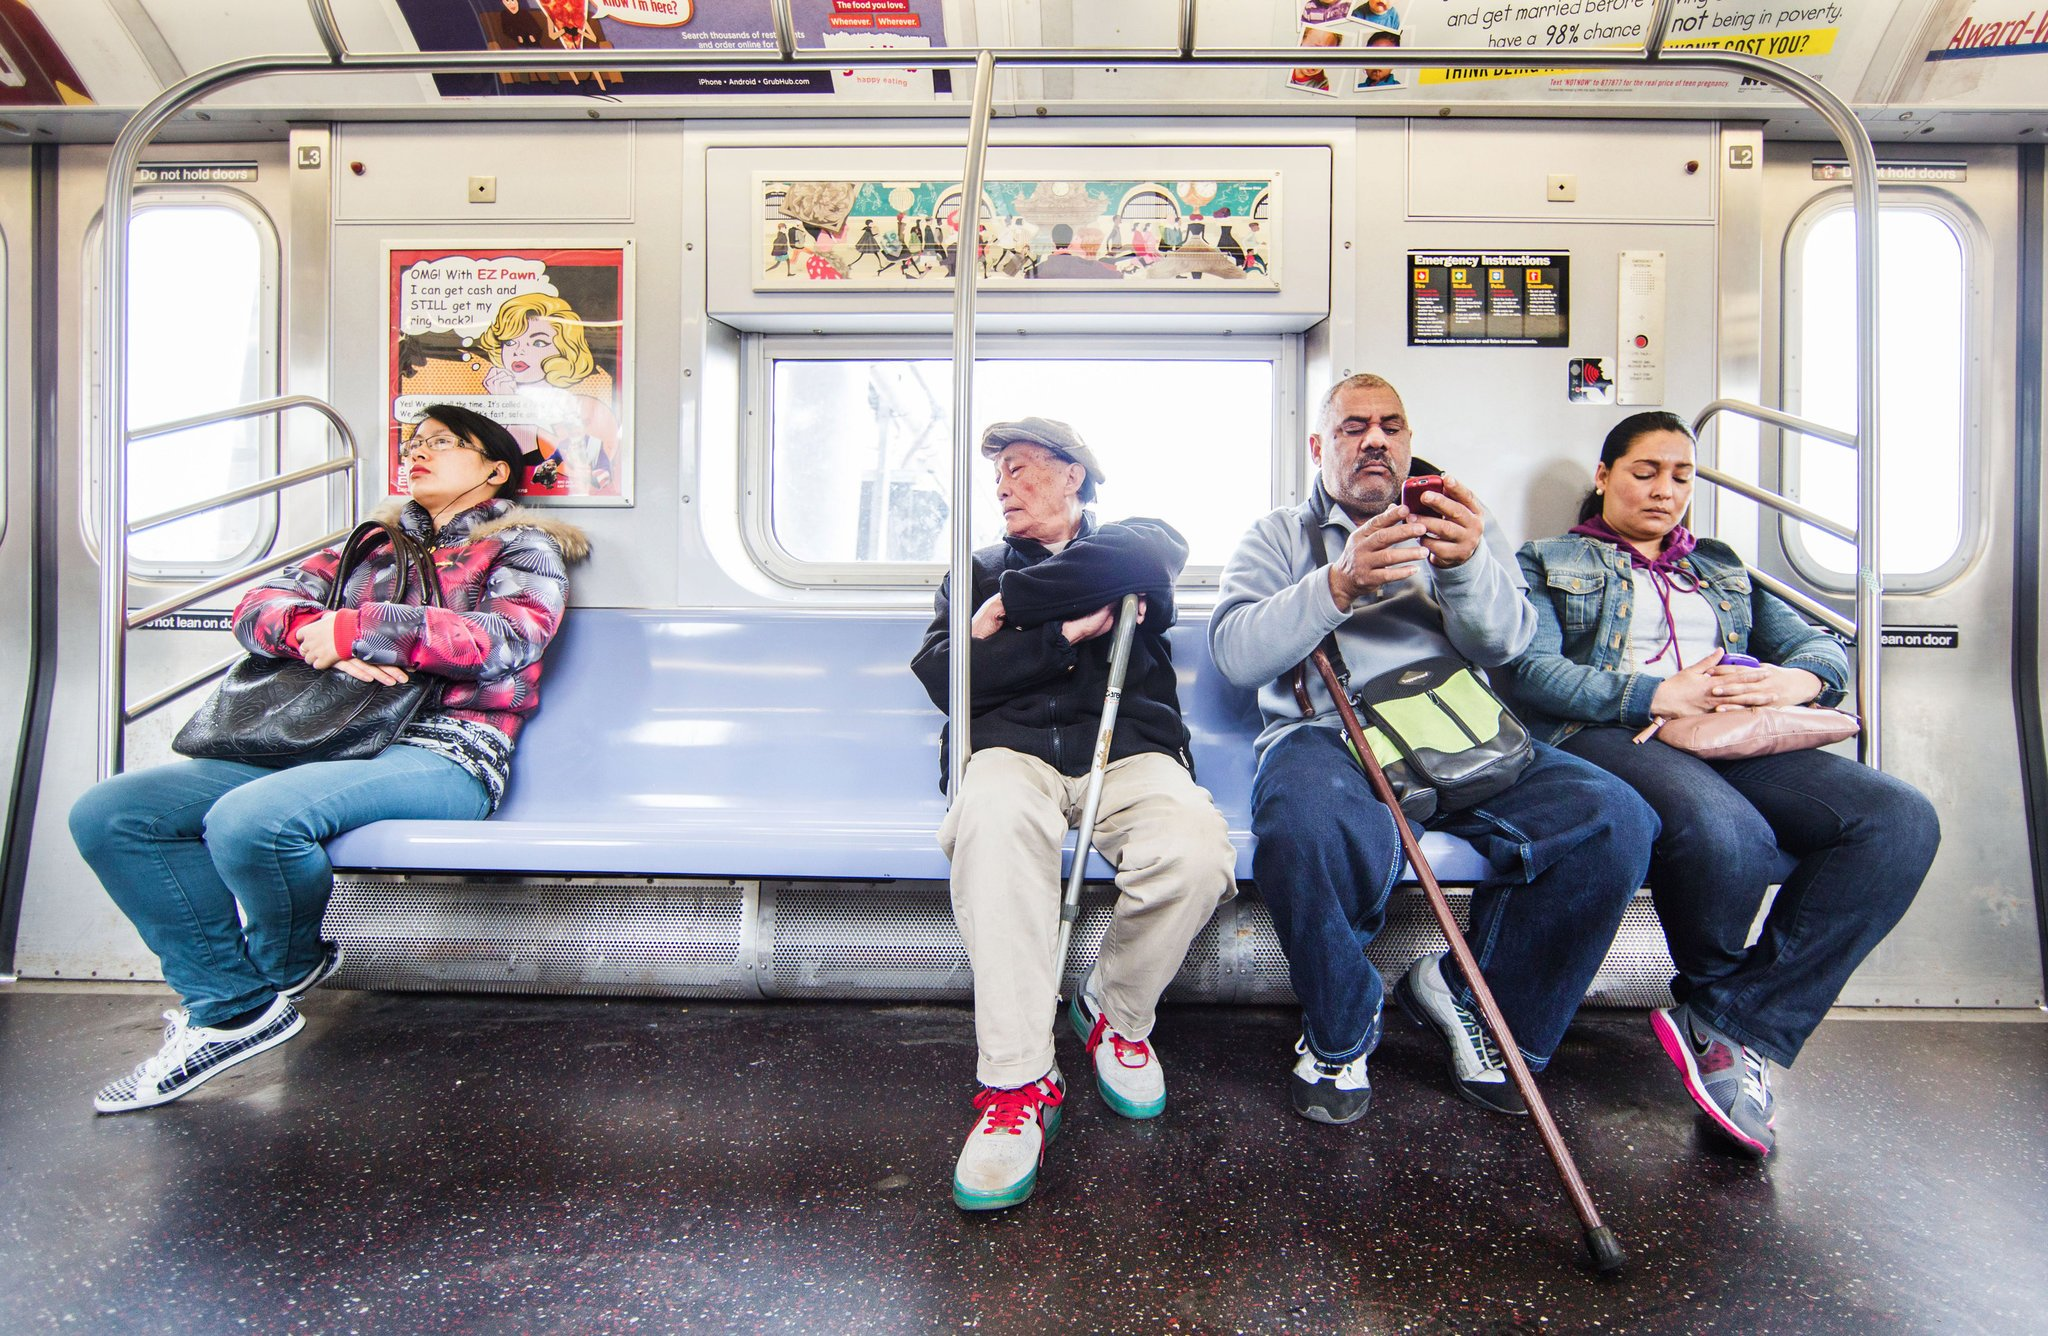 5 ข้อควรปฏิบัติกับการเล่นเกมบนรถไฟฟ้า